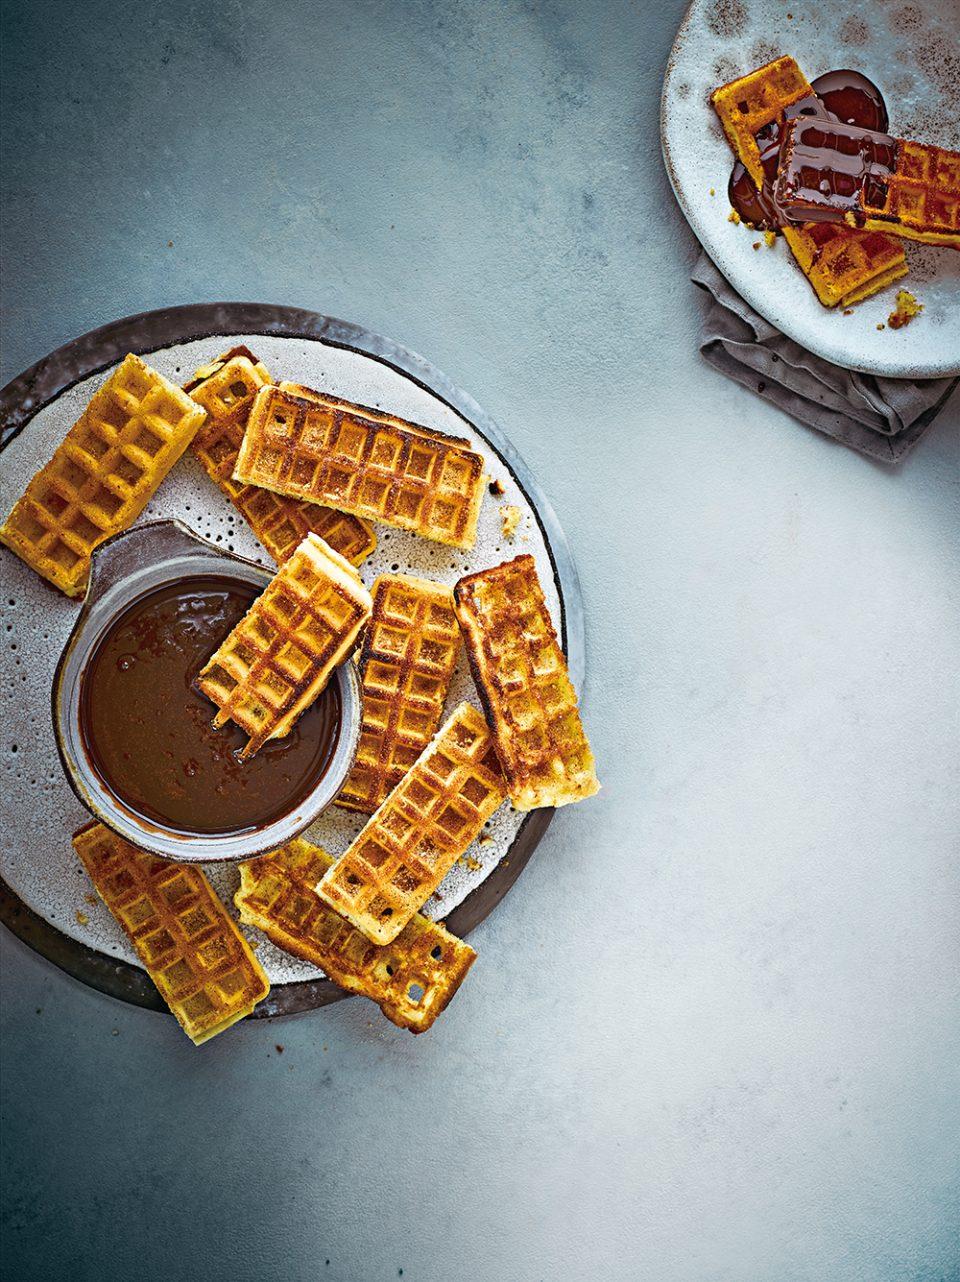 OLI-EASTER2020-3WaysChocolate-WaffleChurros_03434-960x1282.jpg